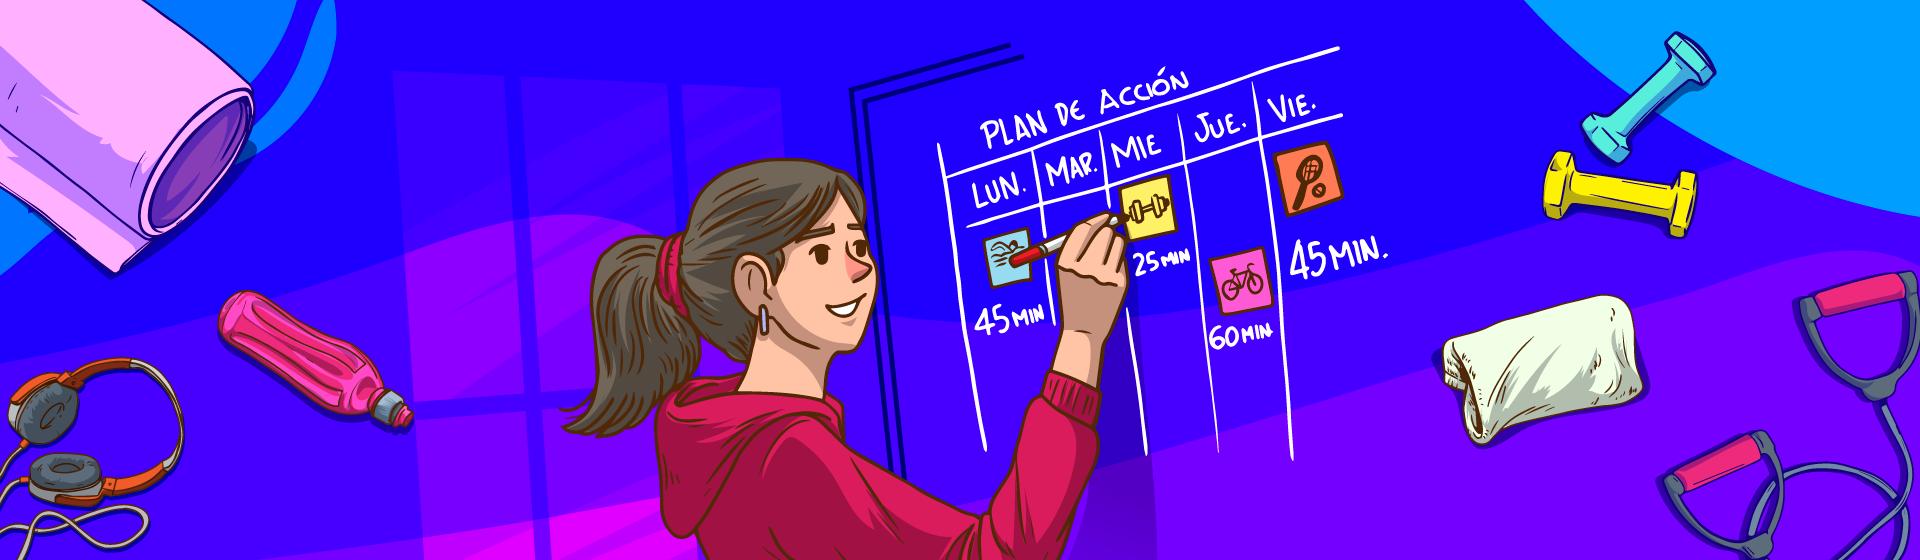 Ilustración de una mujer frente a un tablero escribiendo un horario de actividad física